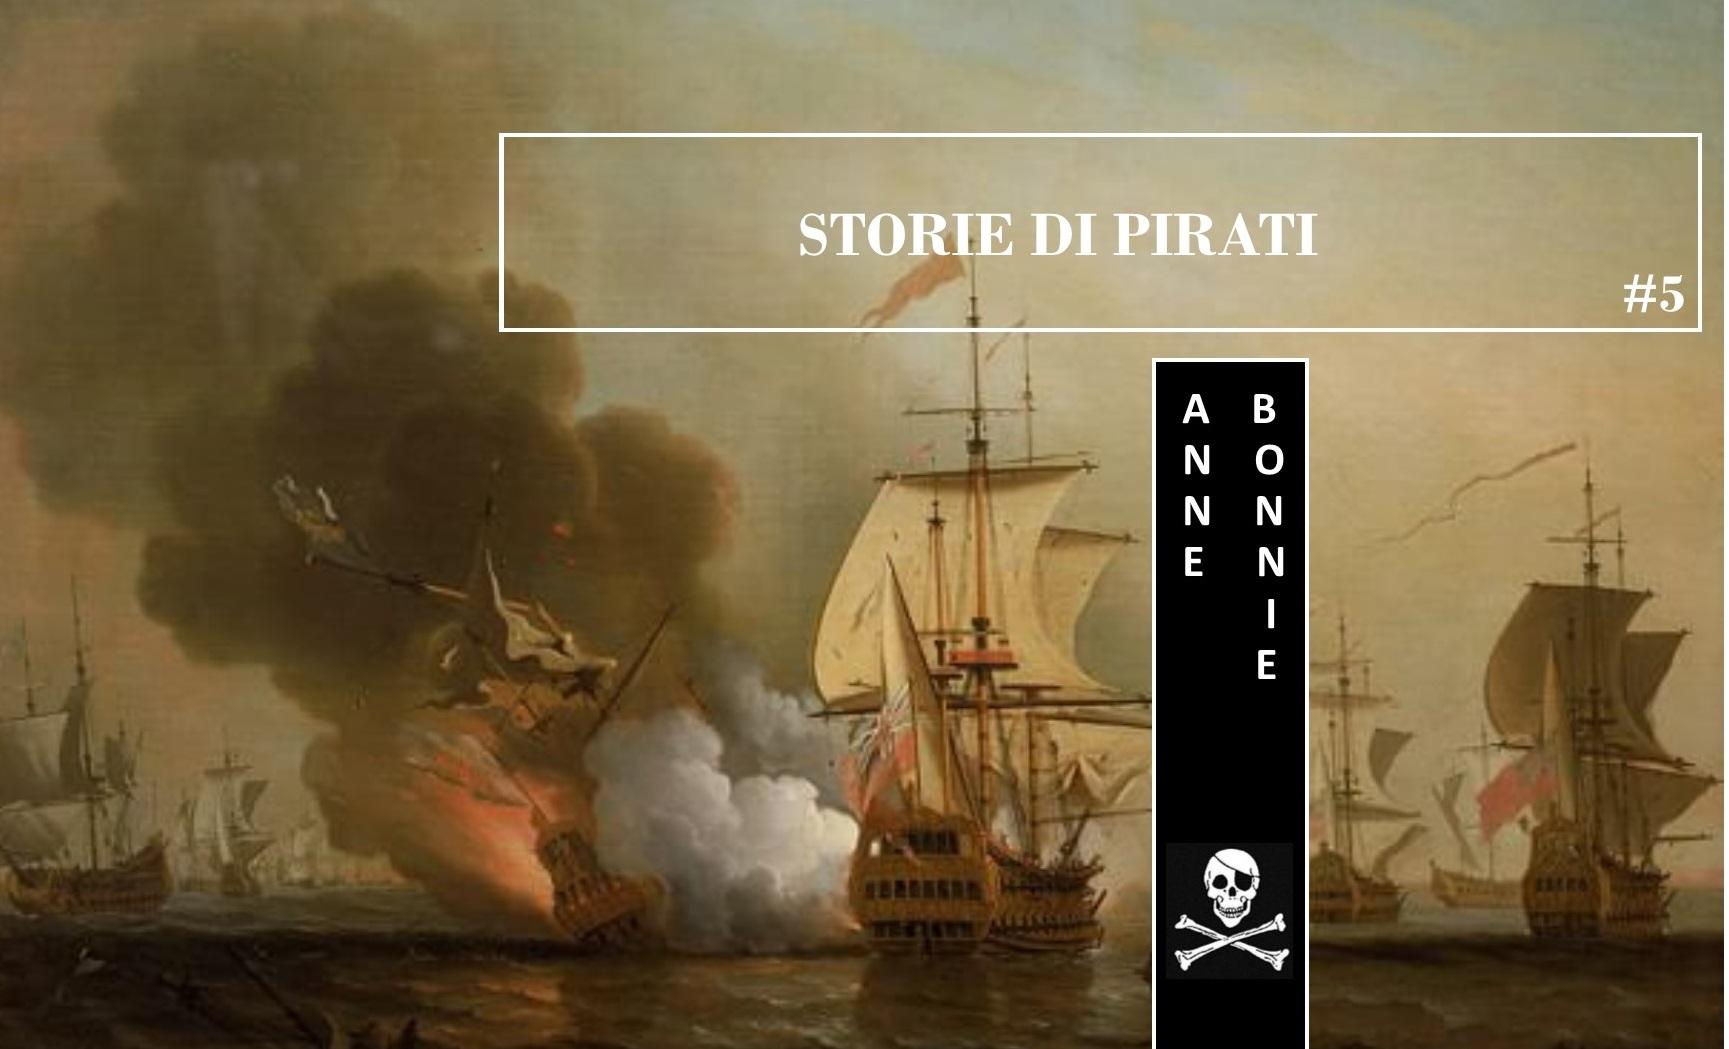 Storie di Pirati #5: Anne Bonnie, la scelta tra l'abbandono del marito e l'accusa di pirateria